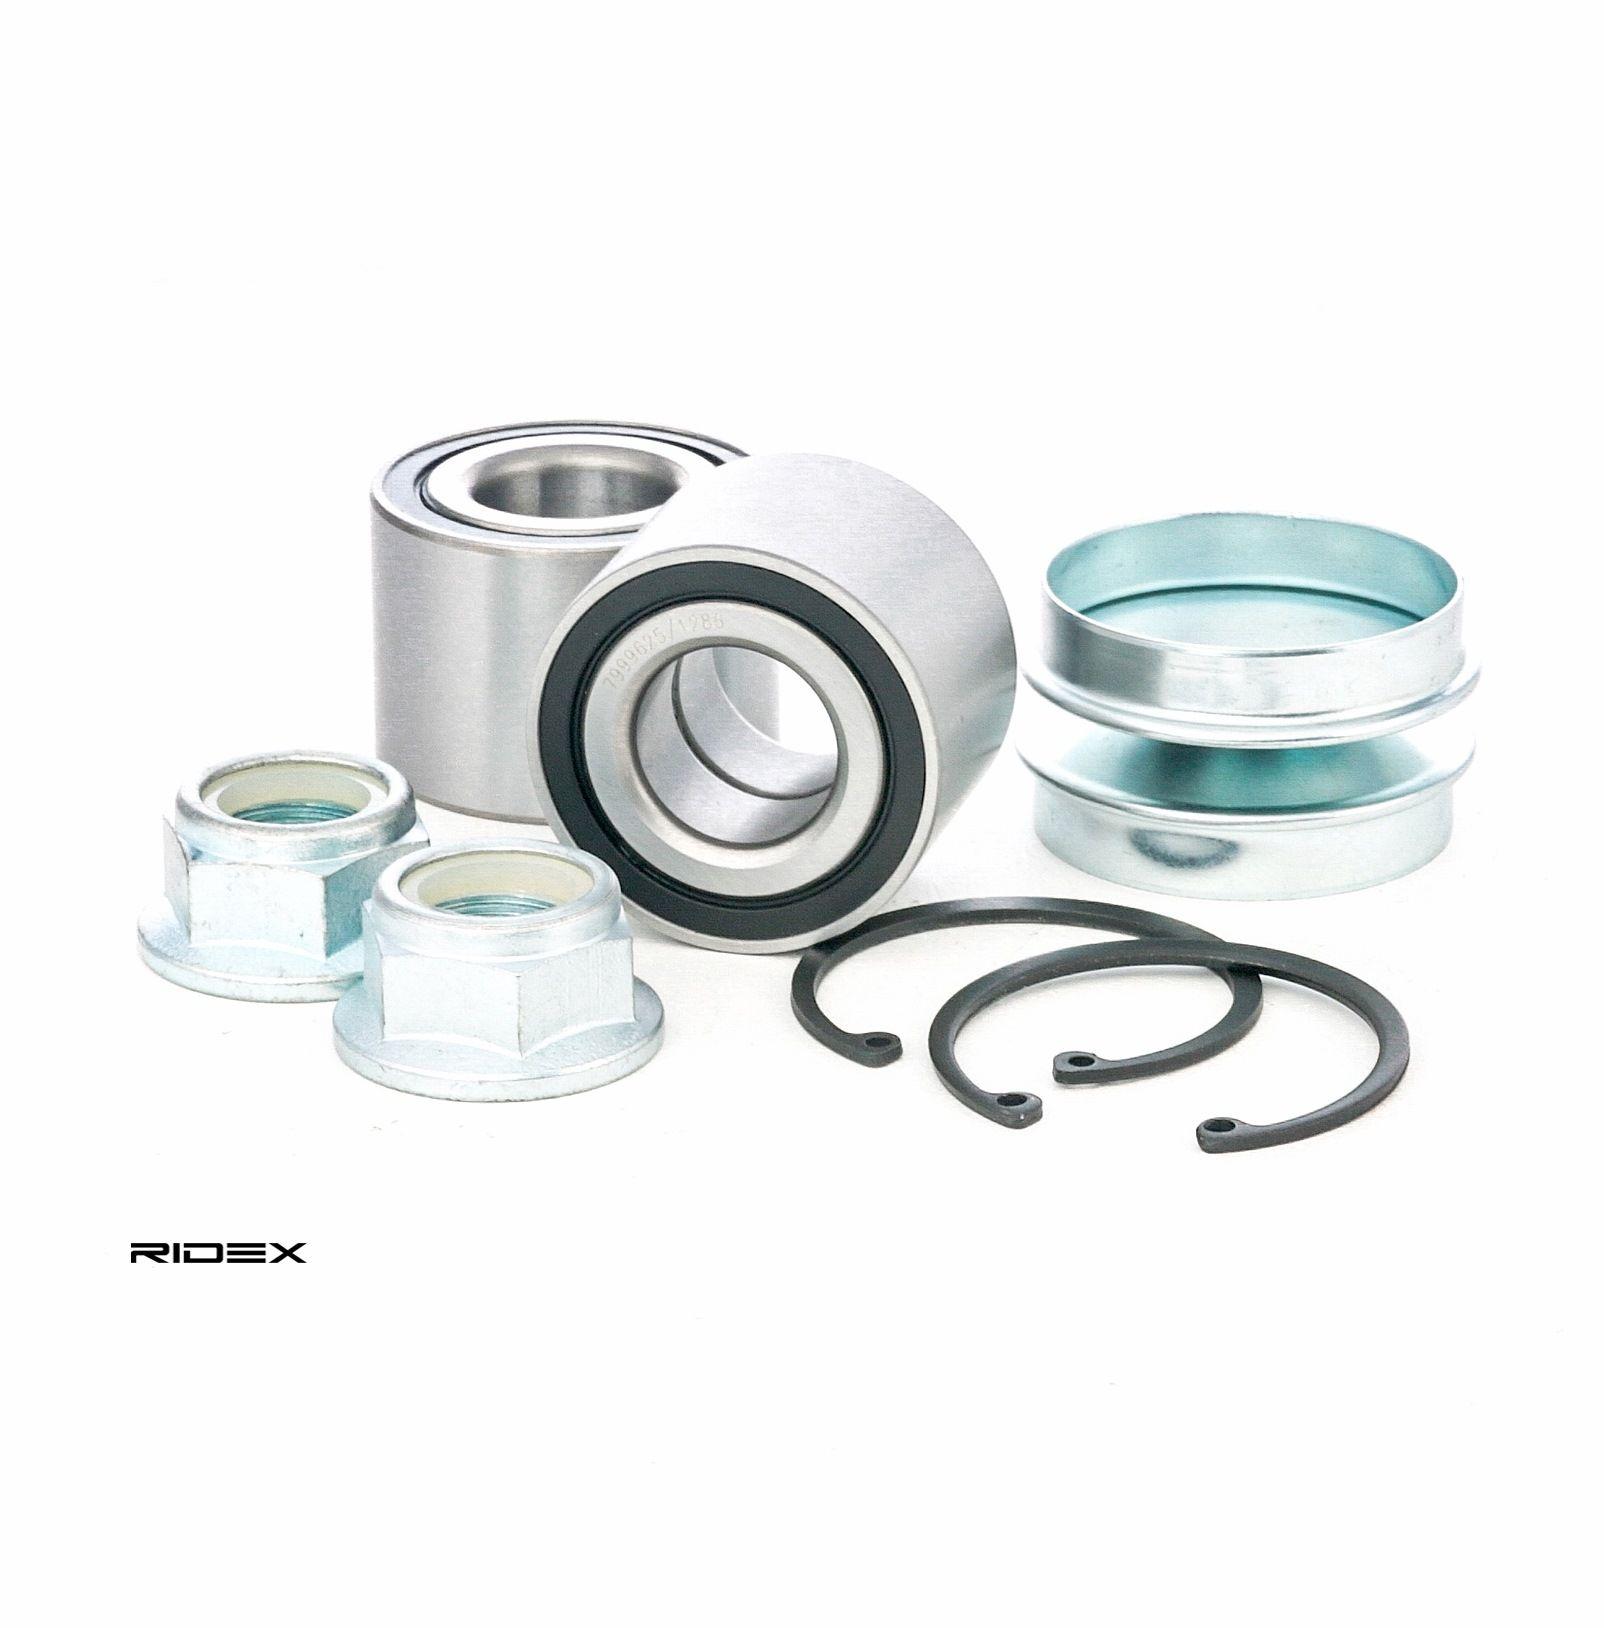 Radlager & Radlagersatz RIDEX 654W0652 Bewertung